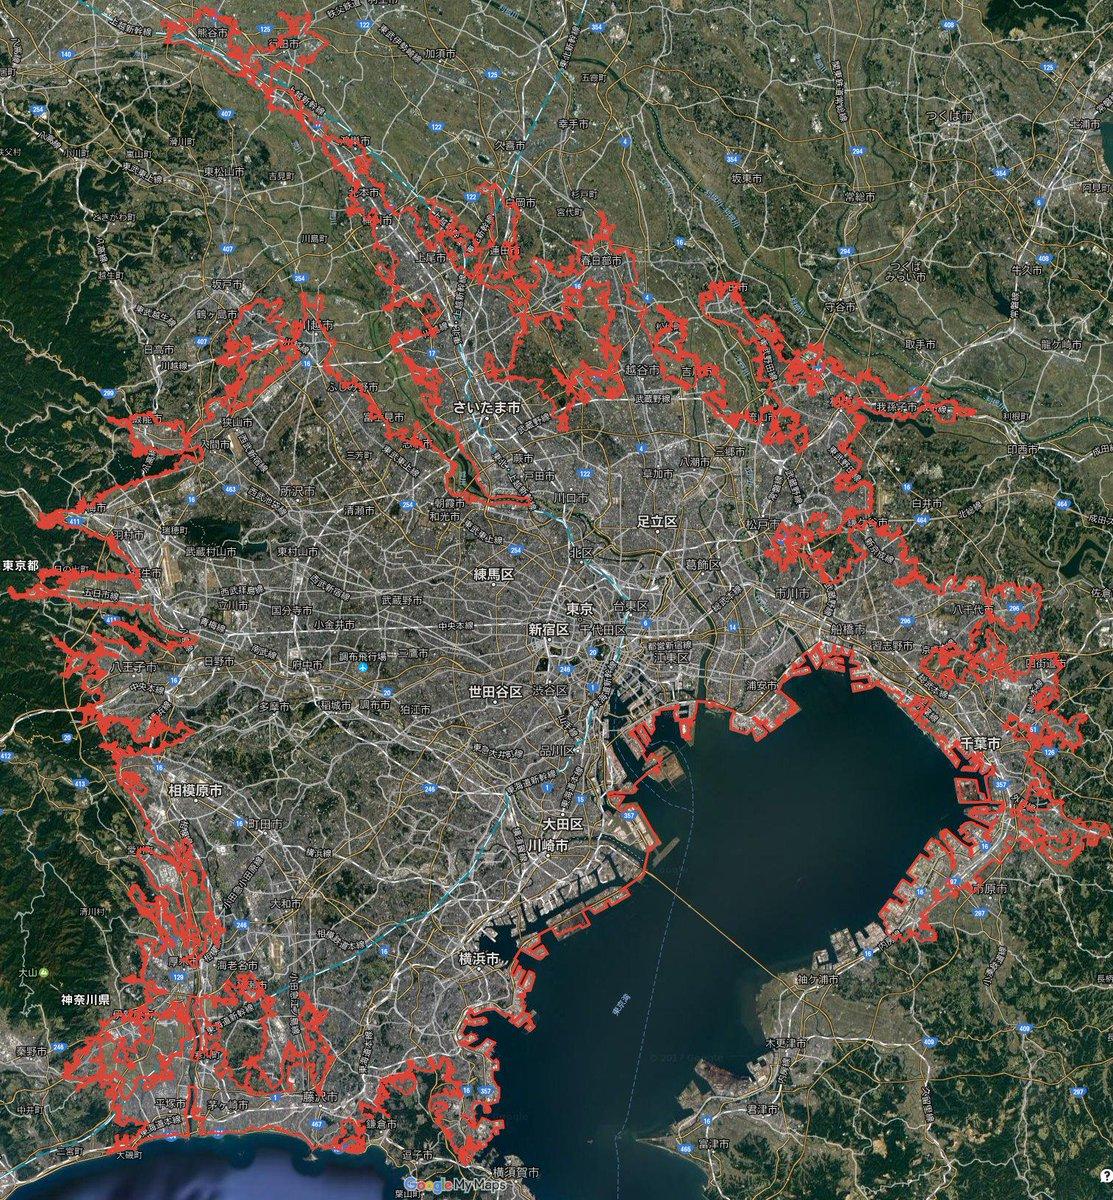 東京は街が途切れないというが、実際どこまで続いているのだろうか。それを確かめるためGoogleマップをなぞったら一年かかった。一周3599km。誰でも閲覧できます。 google.com/maps/d/viewer?…